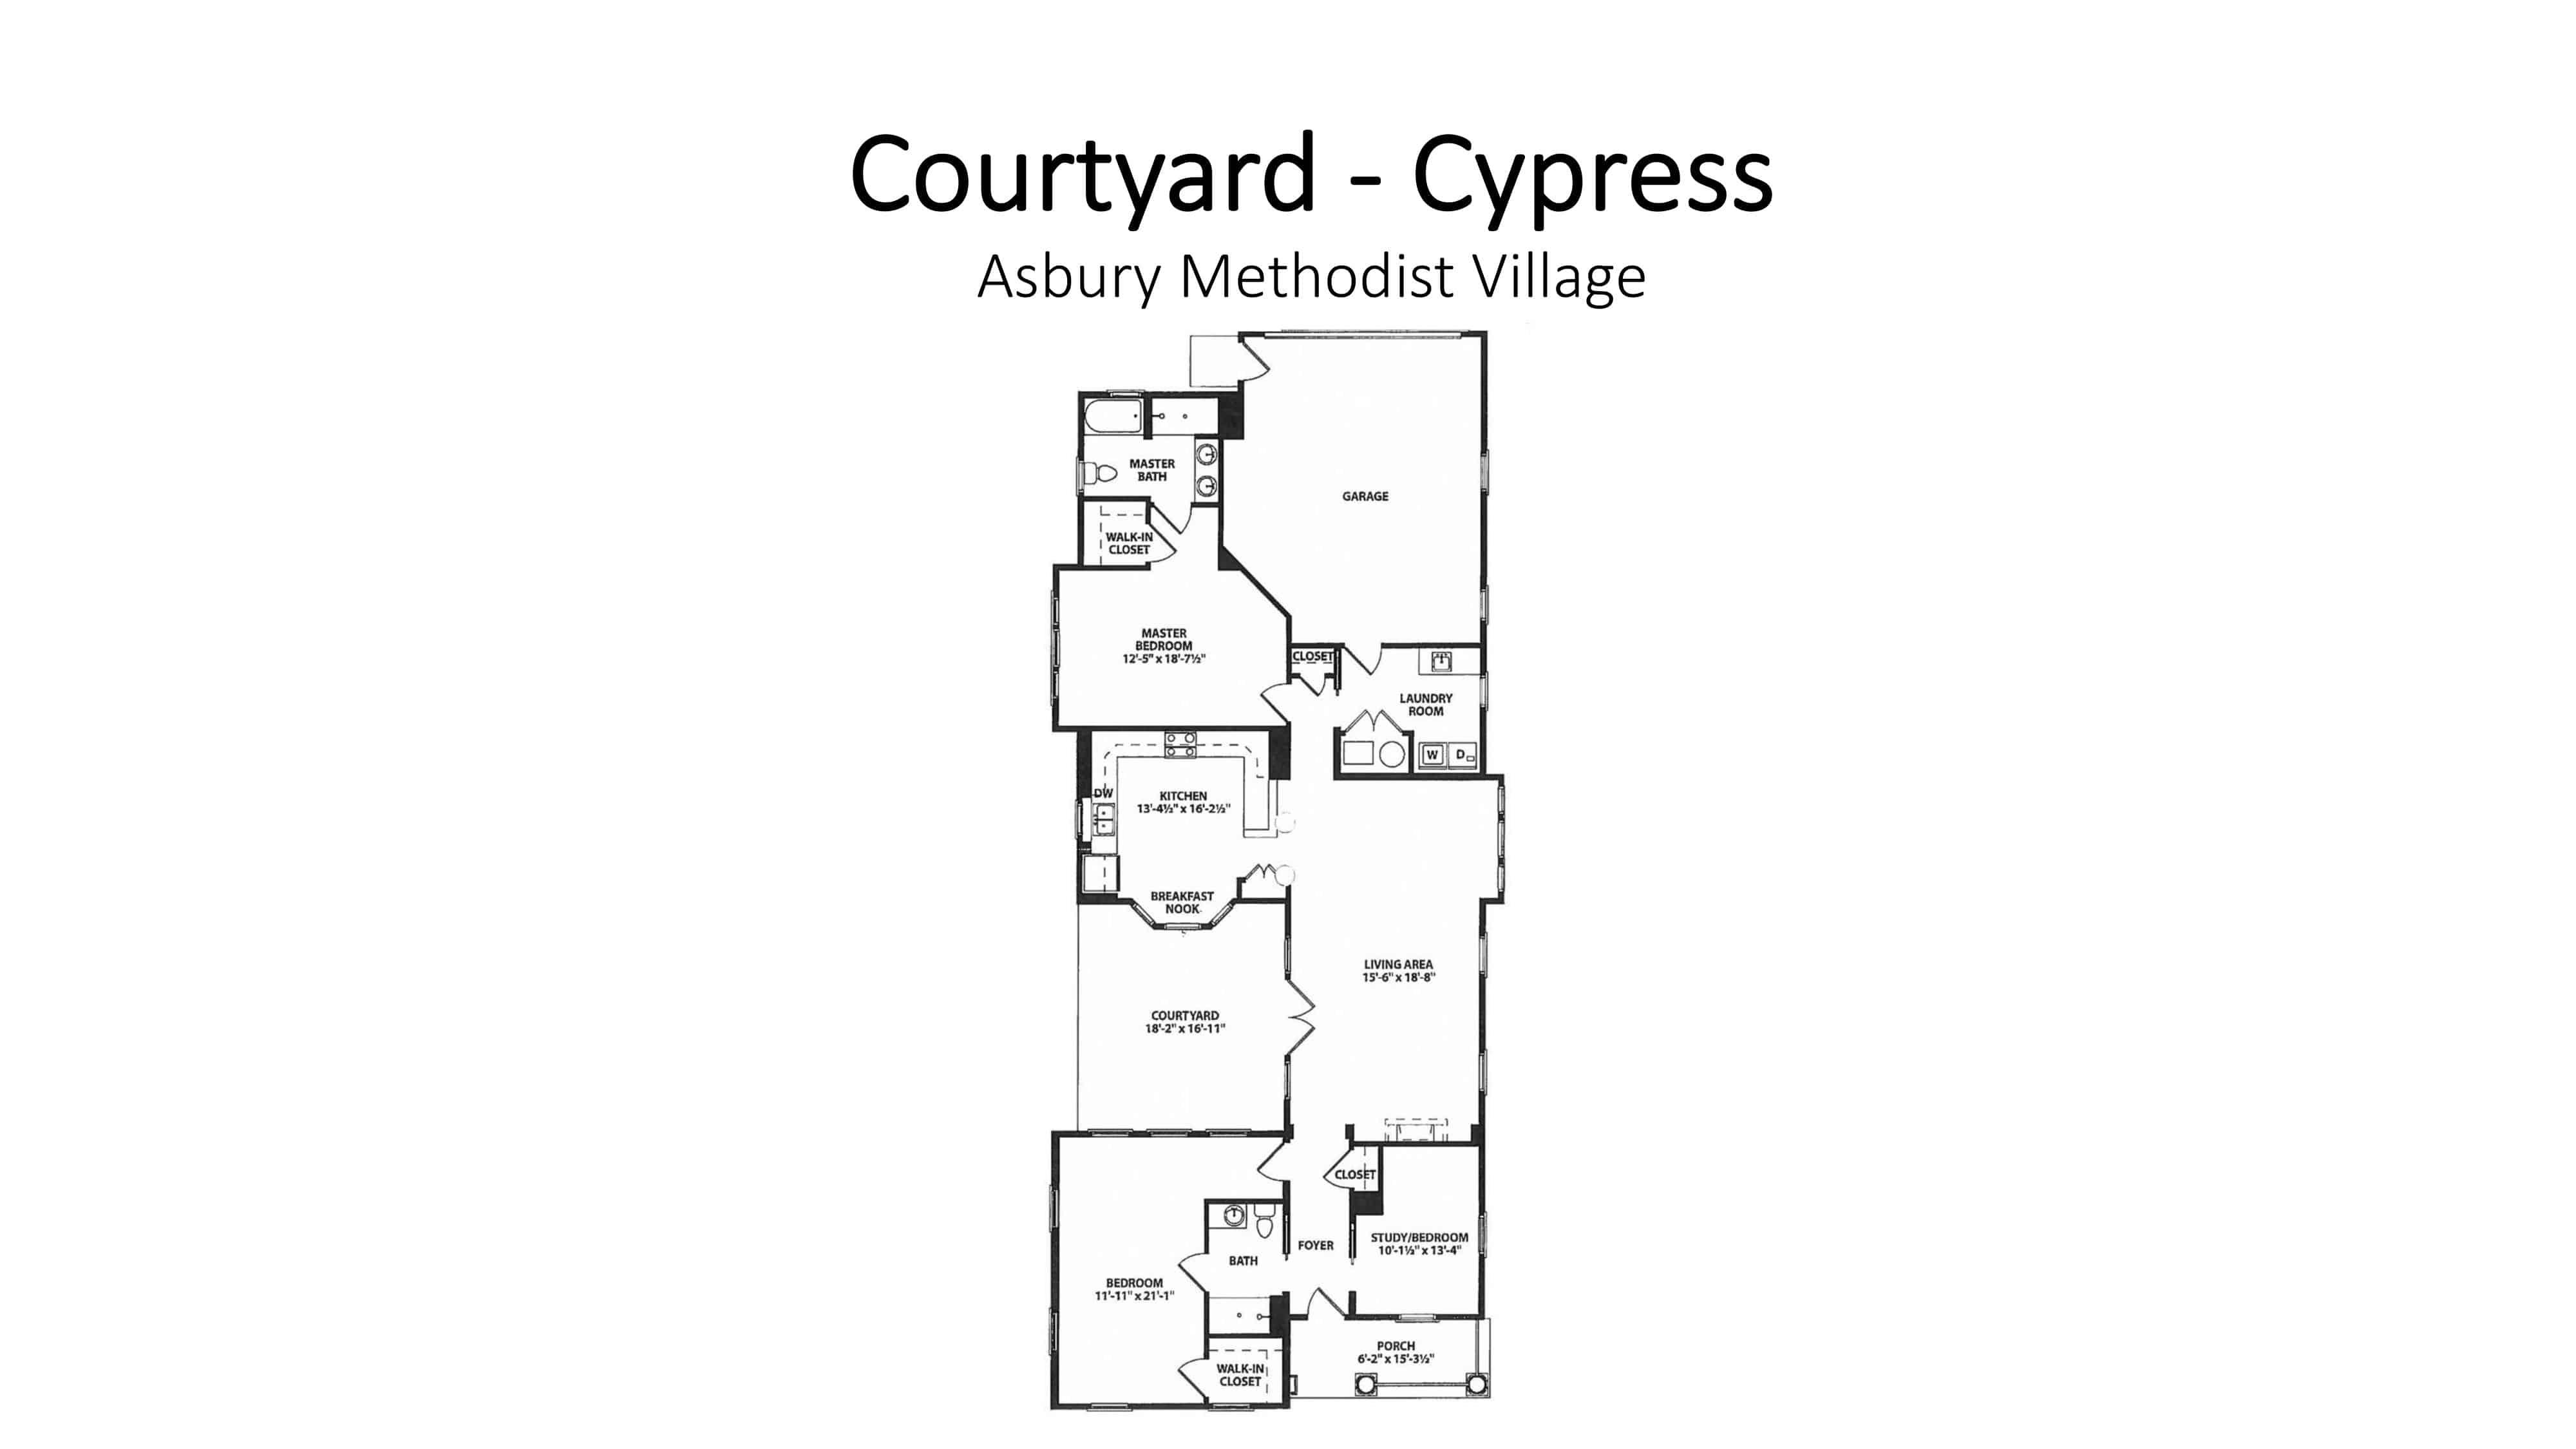 Asbury Methodist Village Courtyard - Cypress